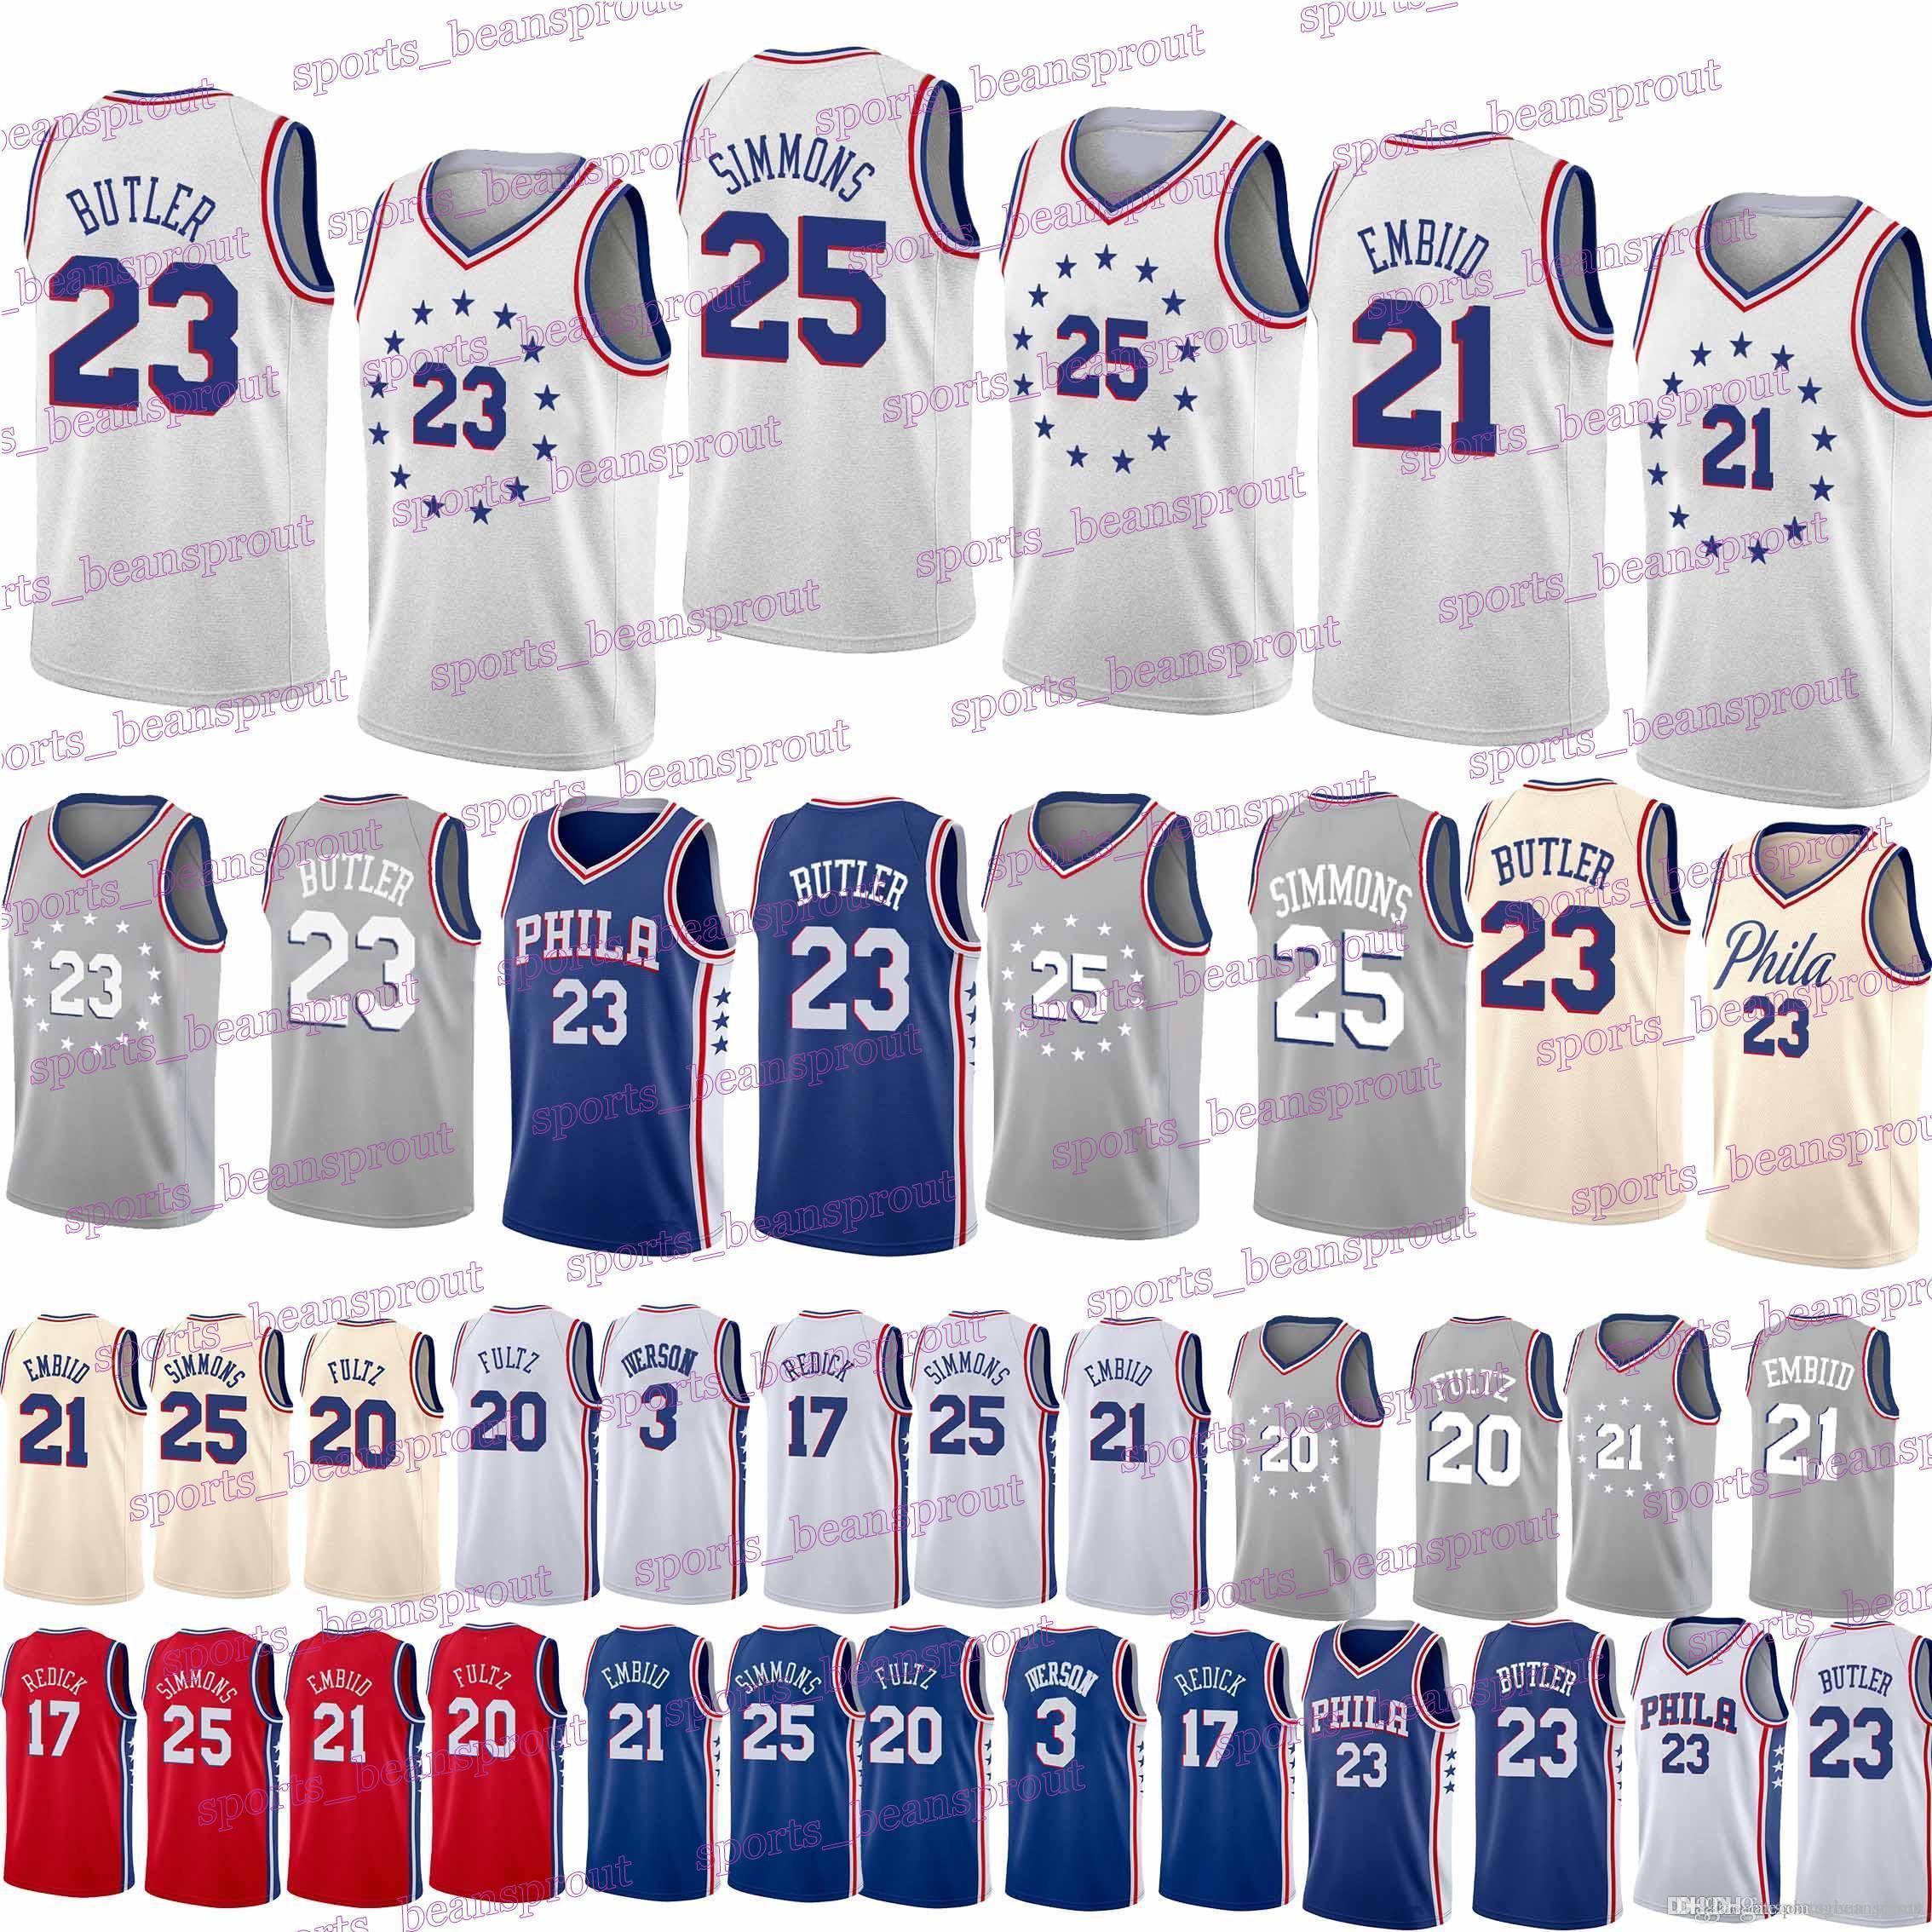 6346385f9c8 76ers Jerseys 21 Joel Embiid 25 Ben Simmons 17 J.J. Redick 3 Allen ...